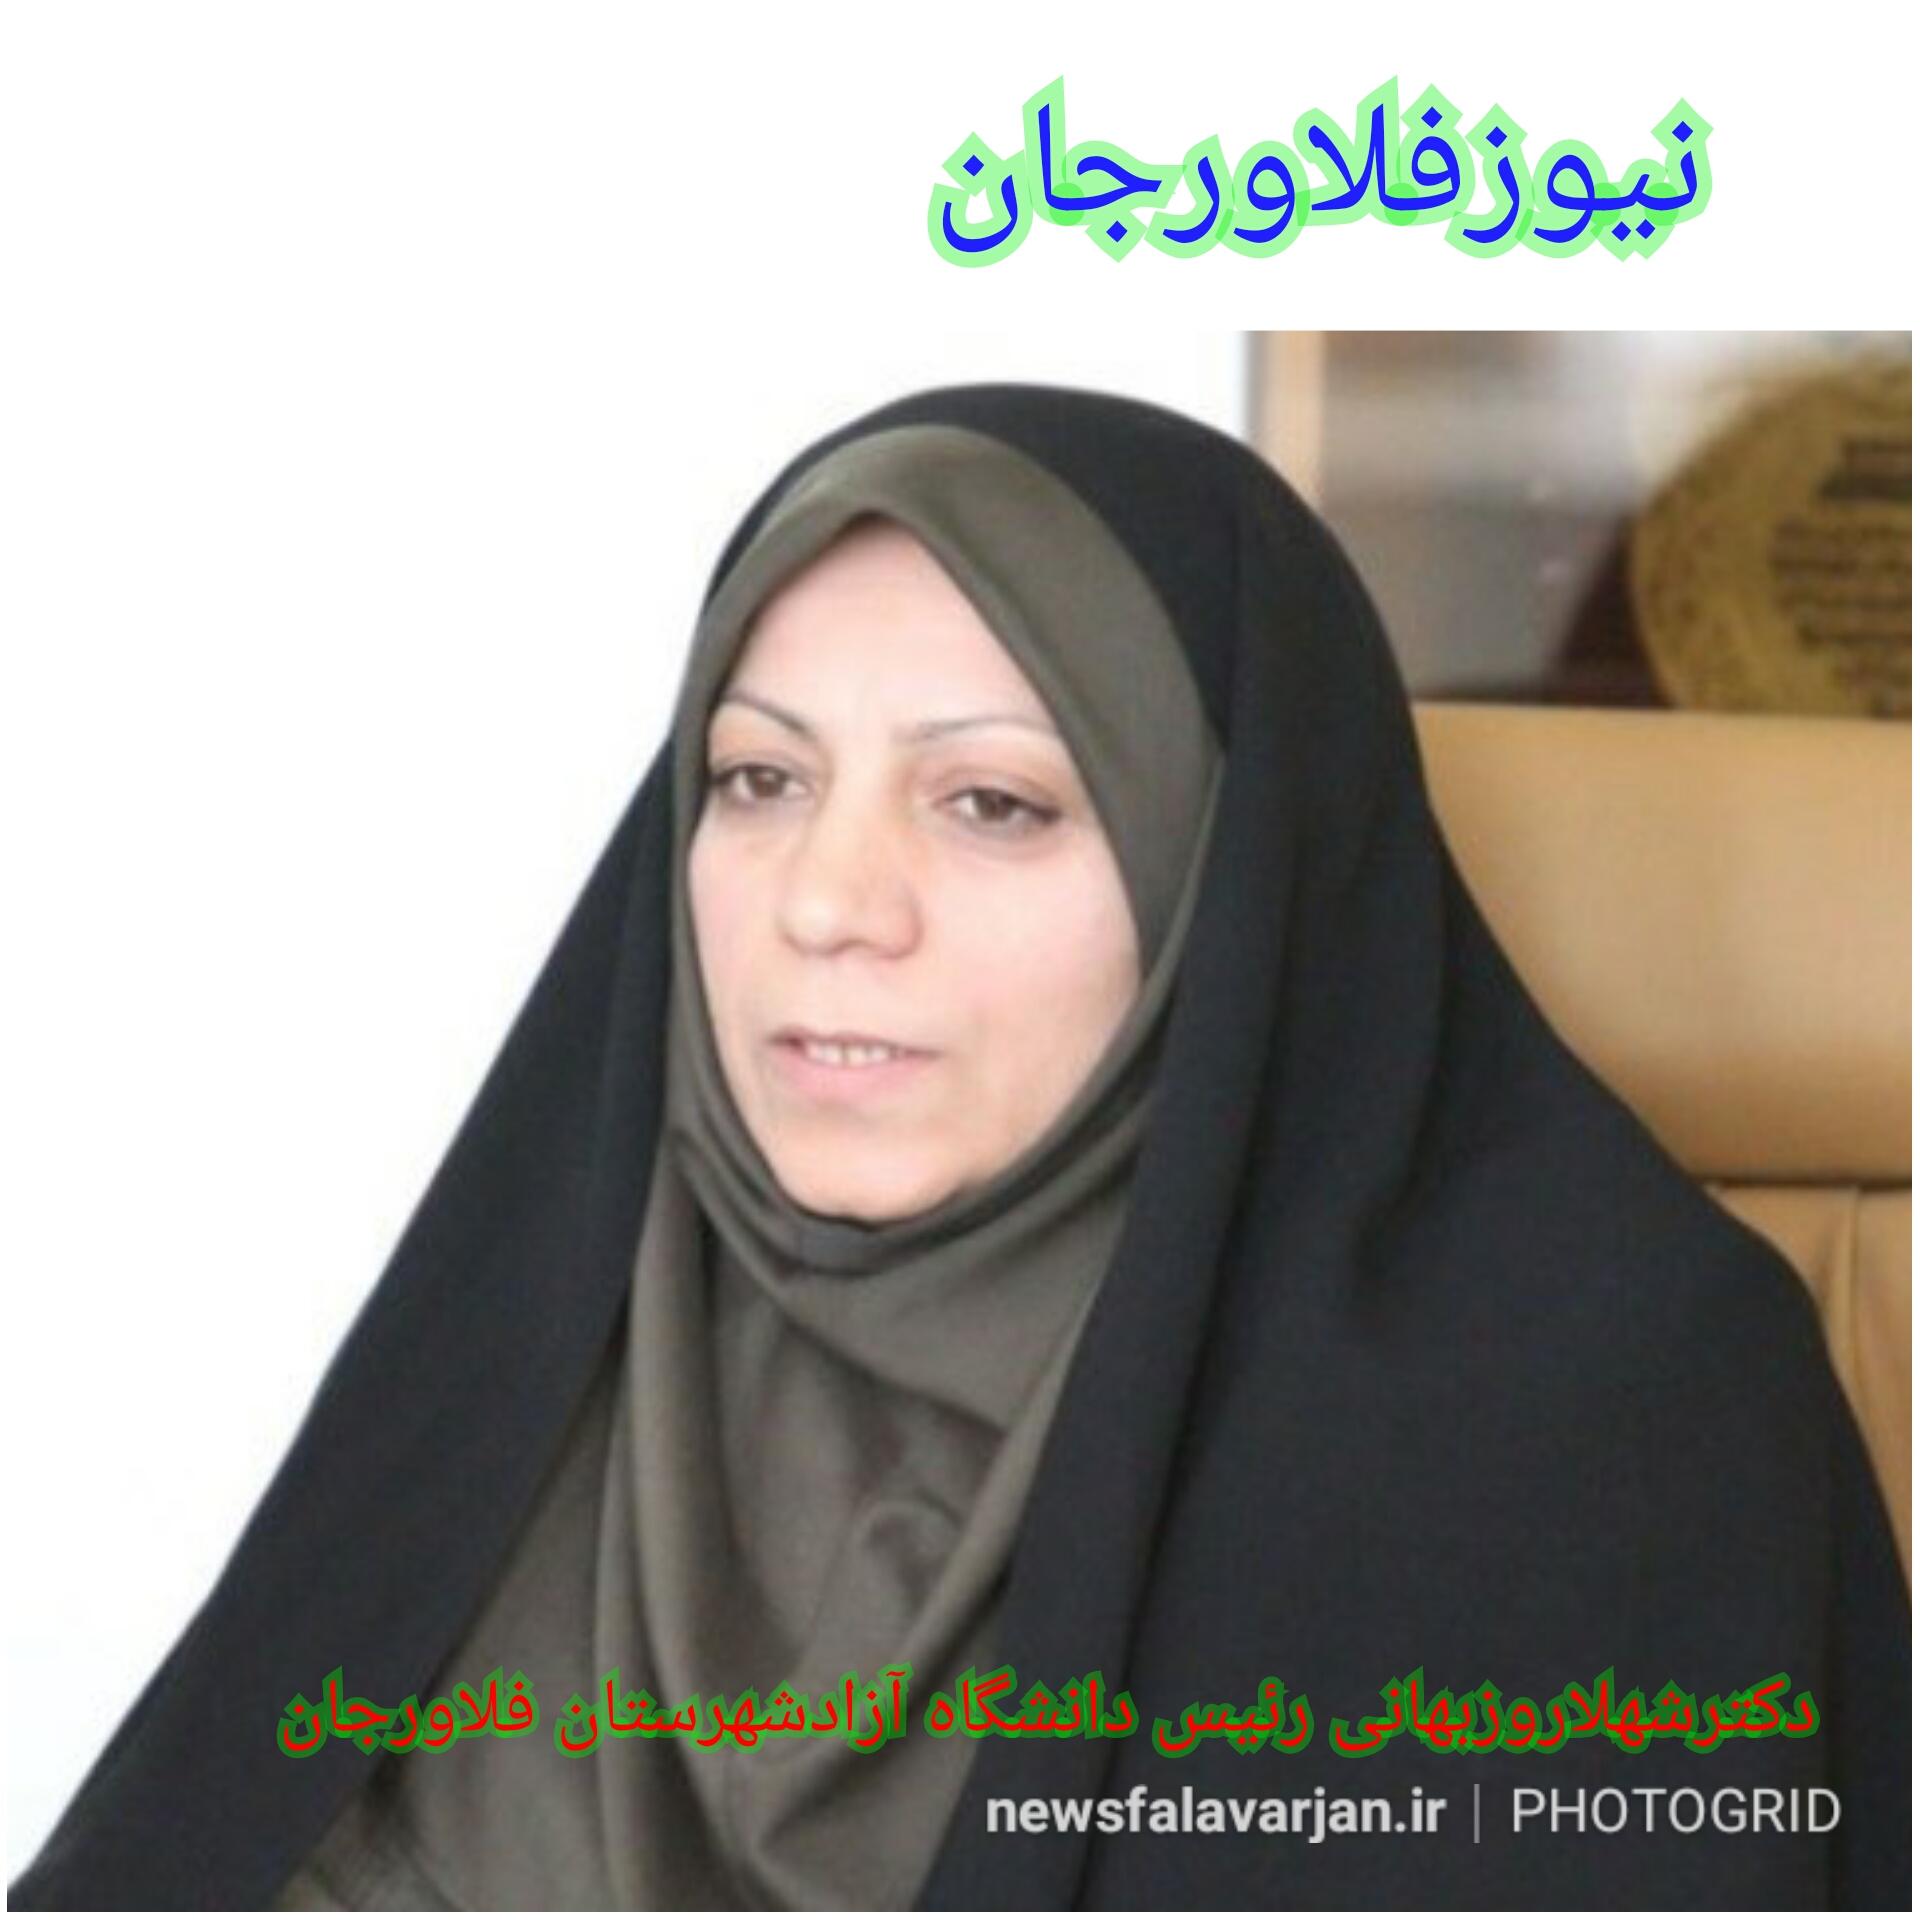 دورههای تخصصی خانه و خانواده ویژه استان اصفهان در دانشگاه آزاد اسلامی فلاورجان شروع شد